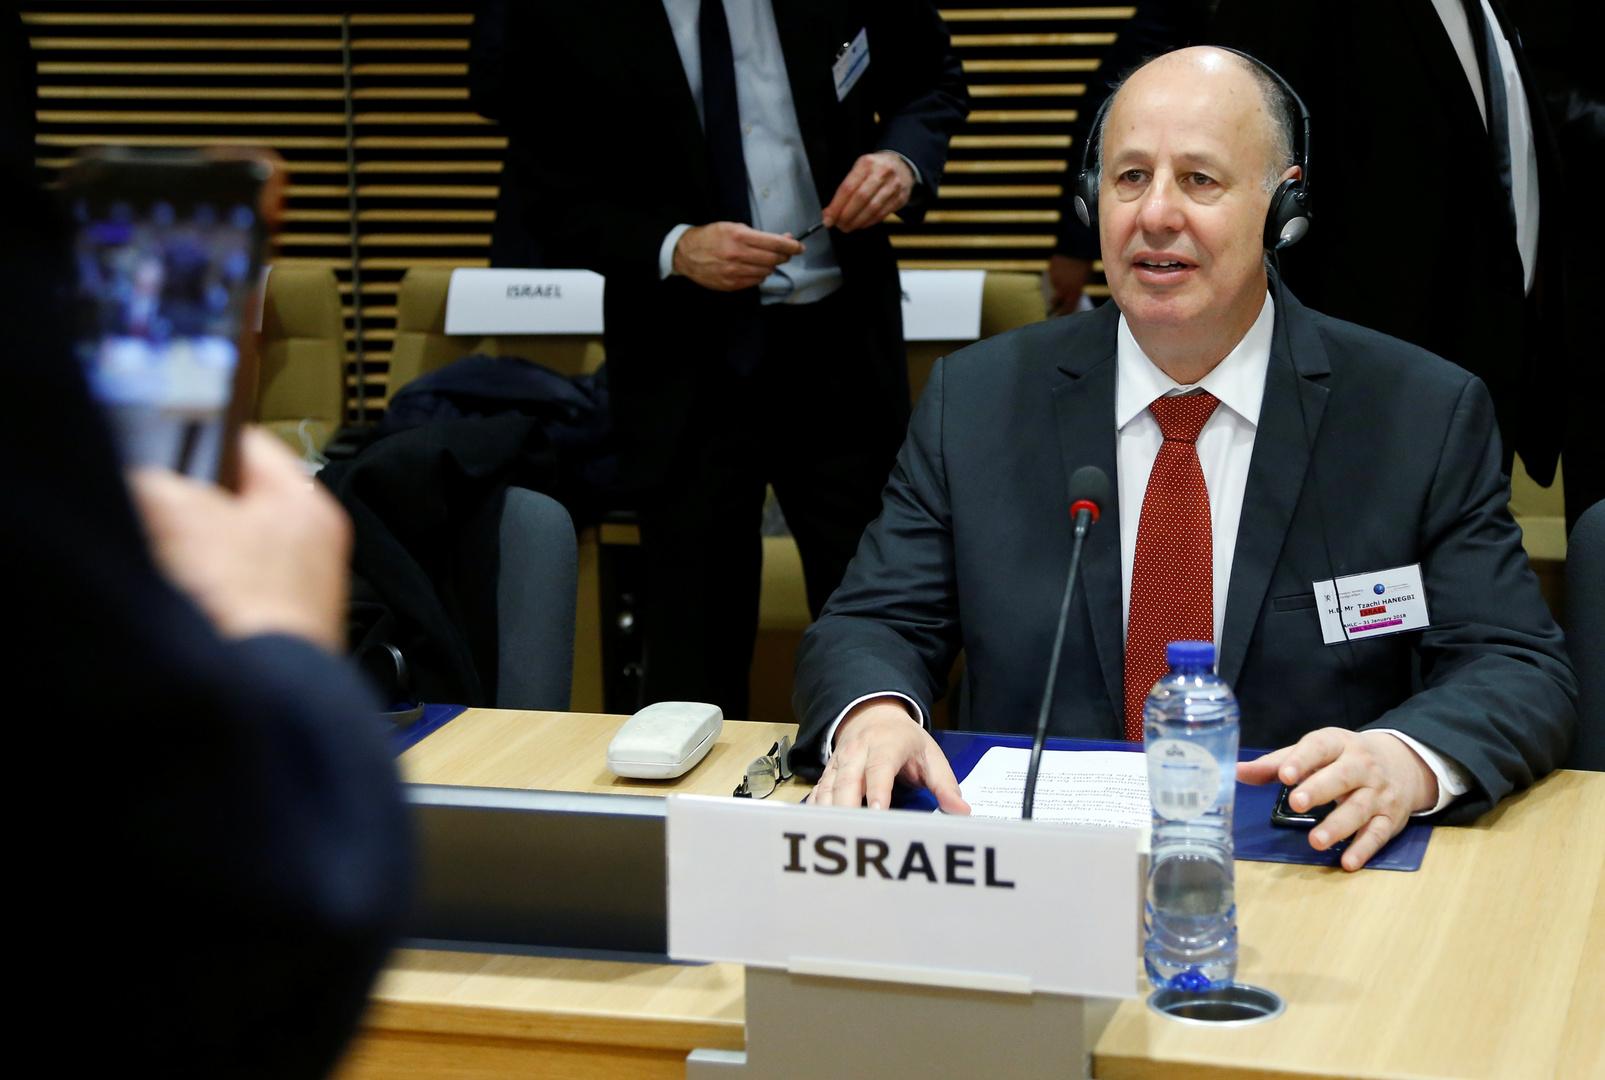 وزير إسرائيلي: سنضم أجزاء من الضفة الغربية إلينا